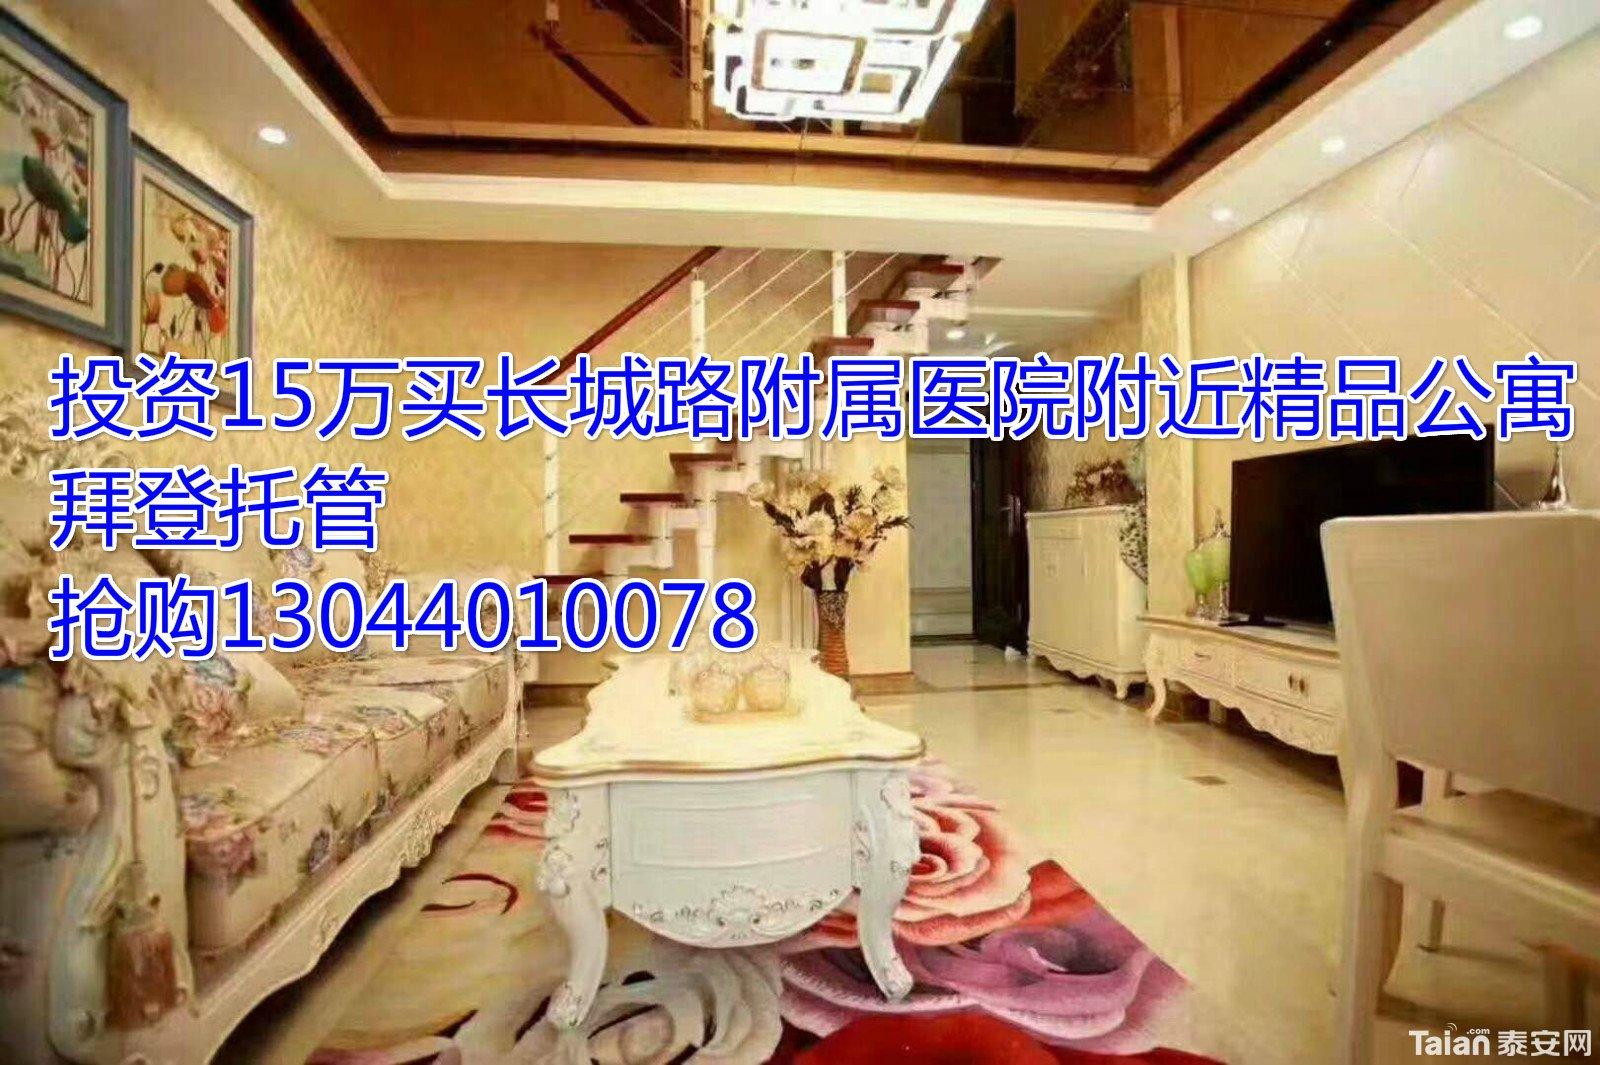 微信图片_20180608113431_meitu_1.jpg